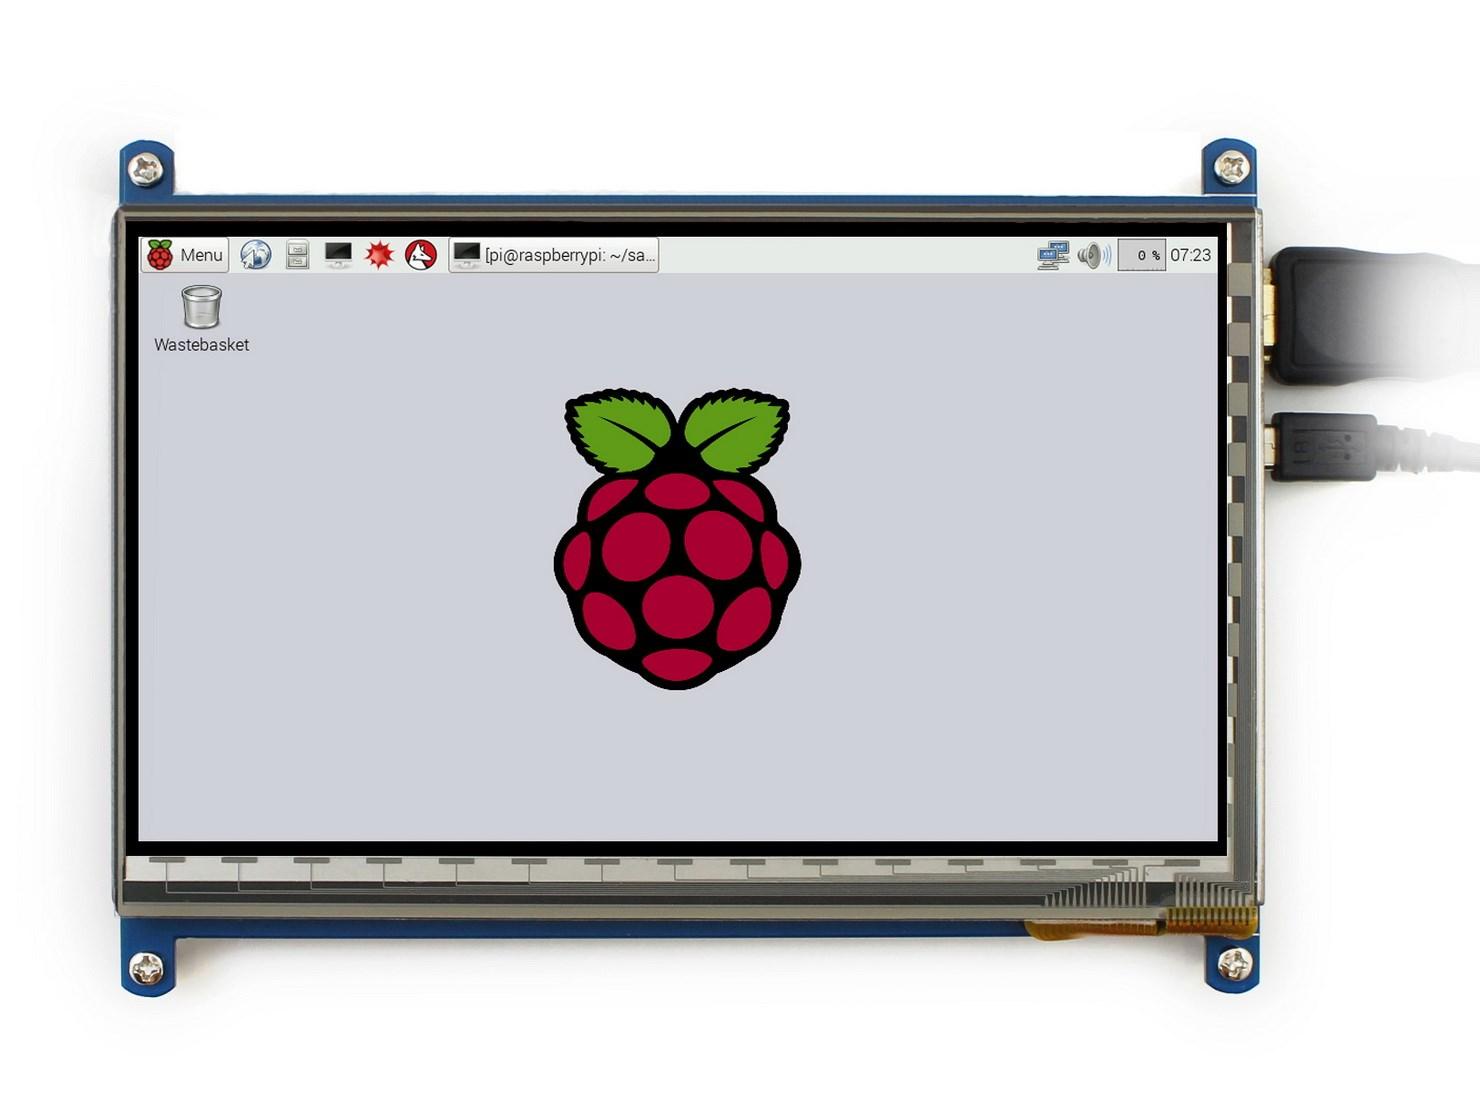 Màn Hình 7Inch HD 800x480 Cảm Ứng Dùng Cho Máy Tính Raspberry Và Các Thiết Bị Khác(Kèm Phụ Kiện)